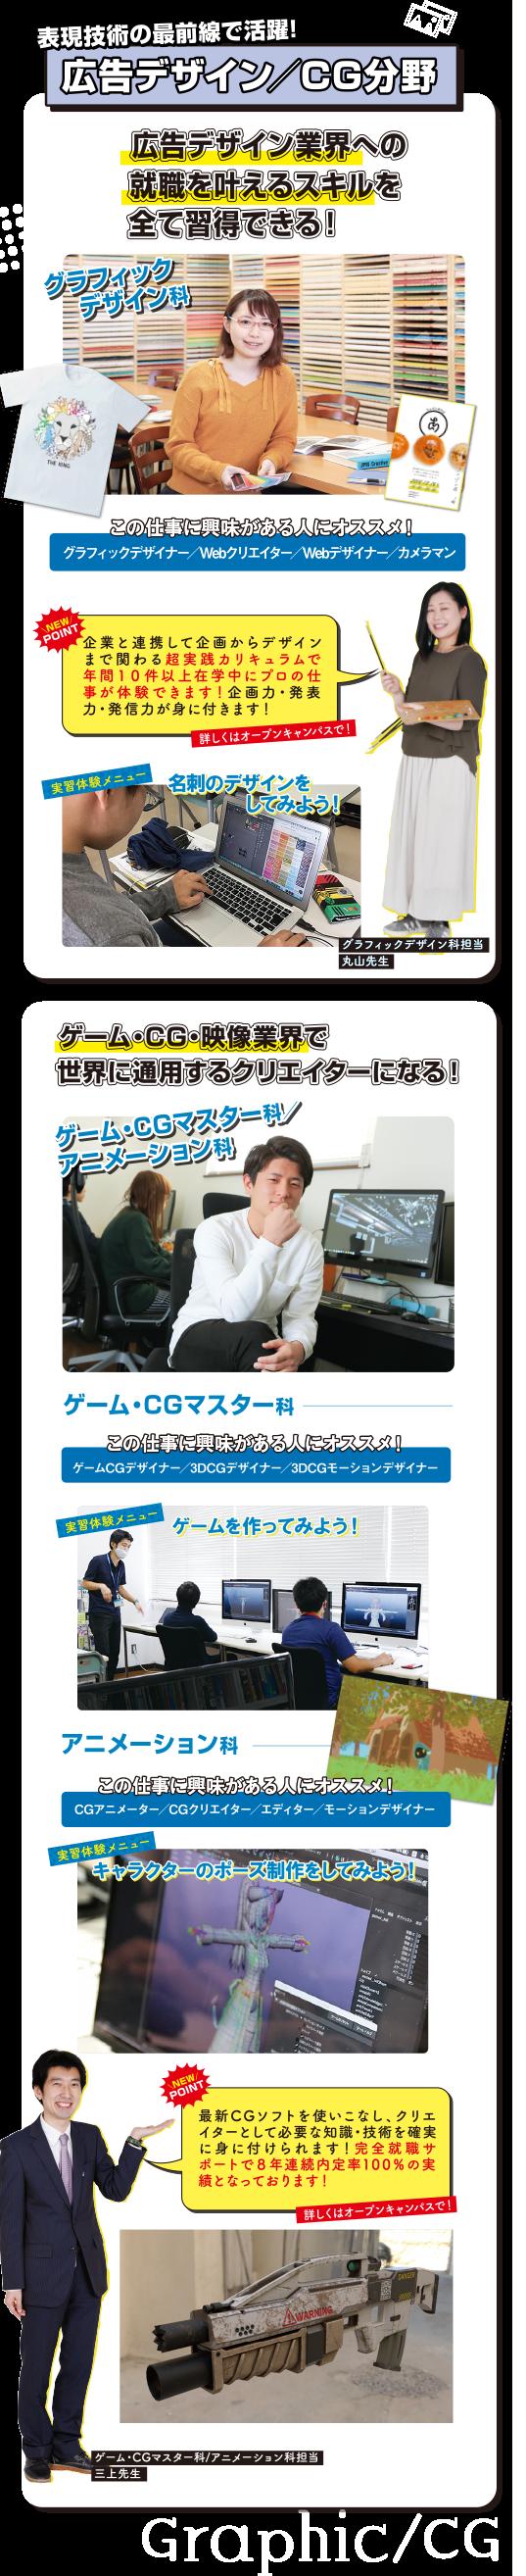 広告デザイン/CG分野 グラフィックデザイン科、ゲーム・CGマスター科、アニメーション科